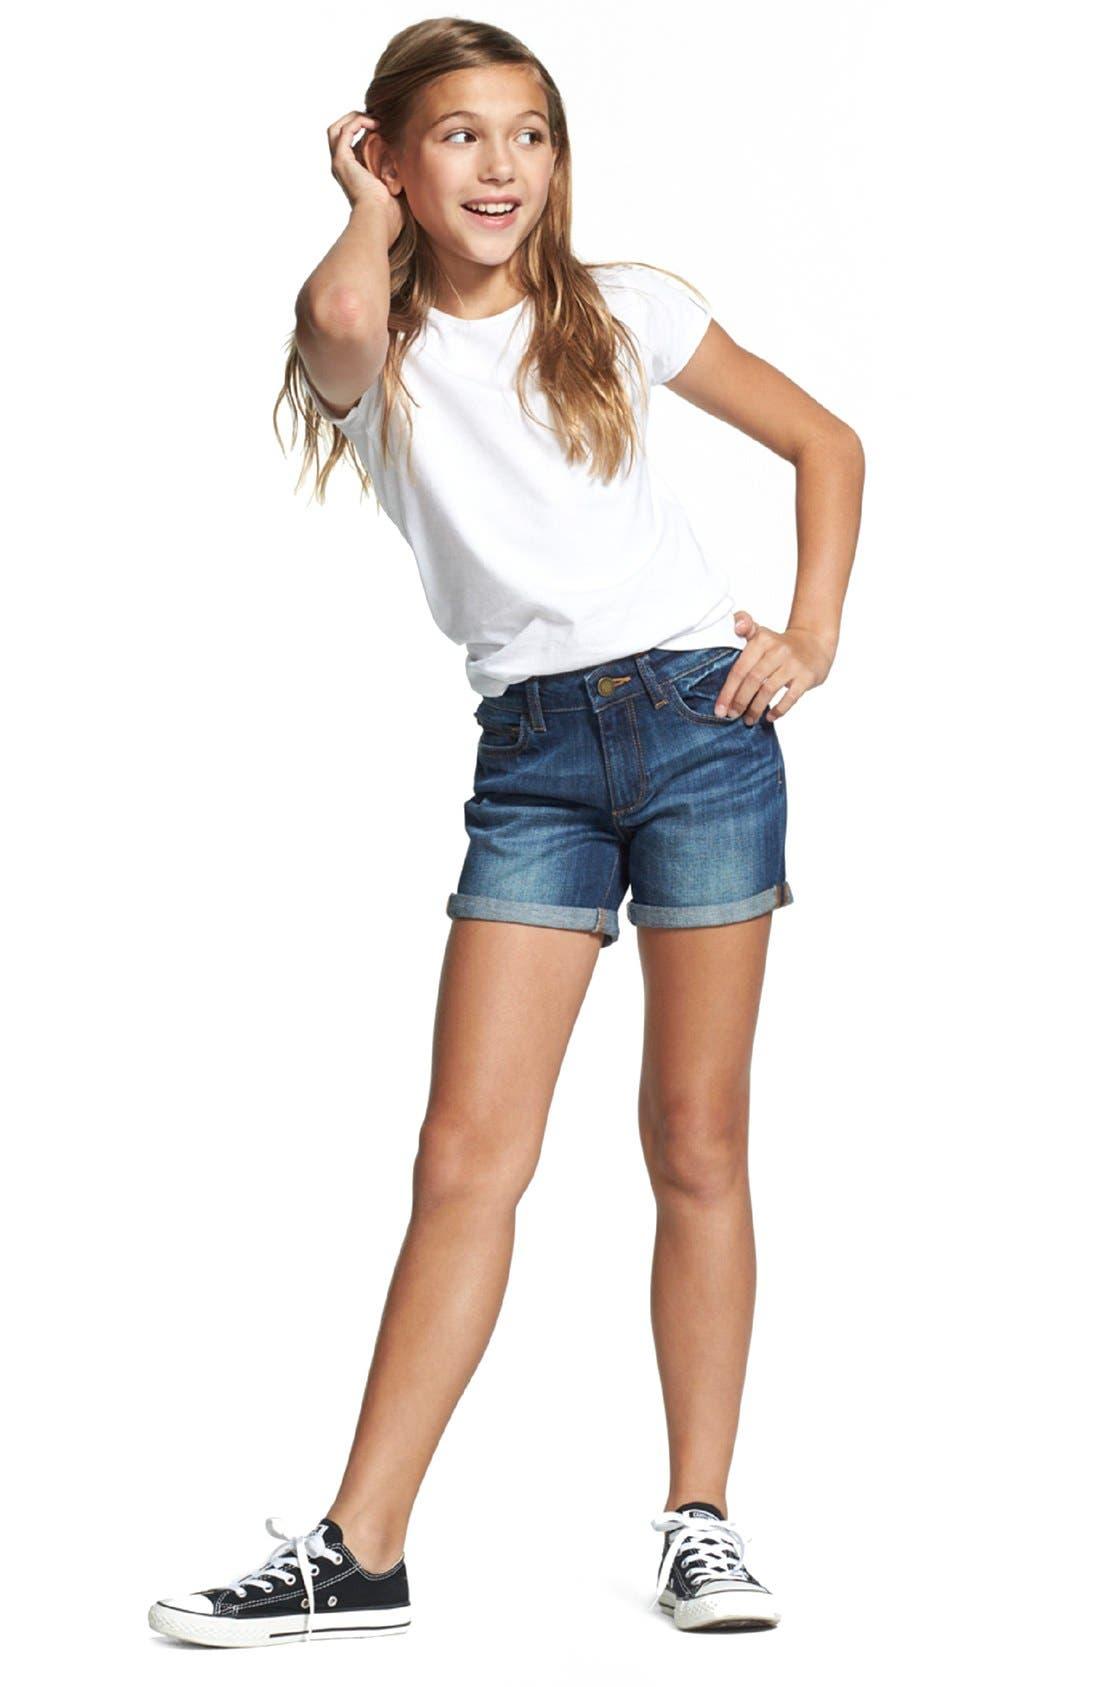 Girls shorts galleries